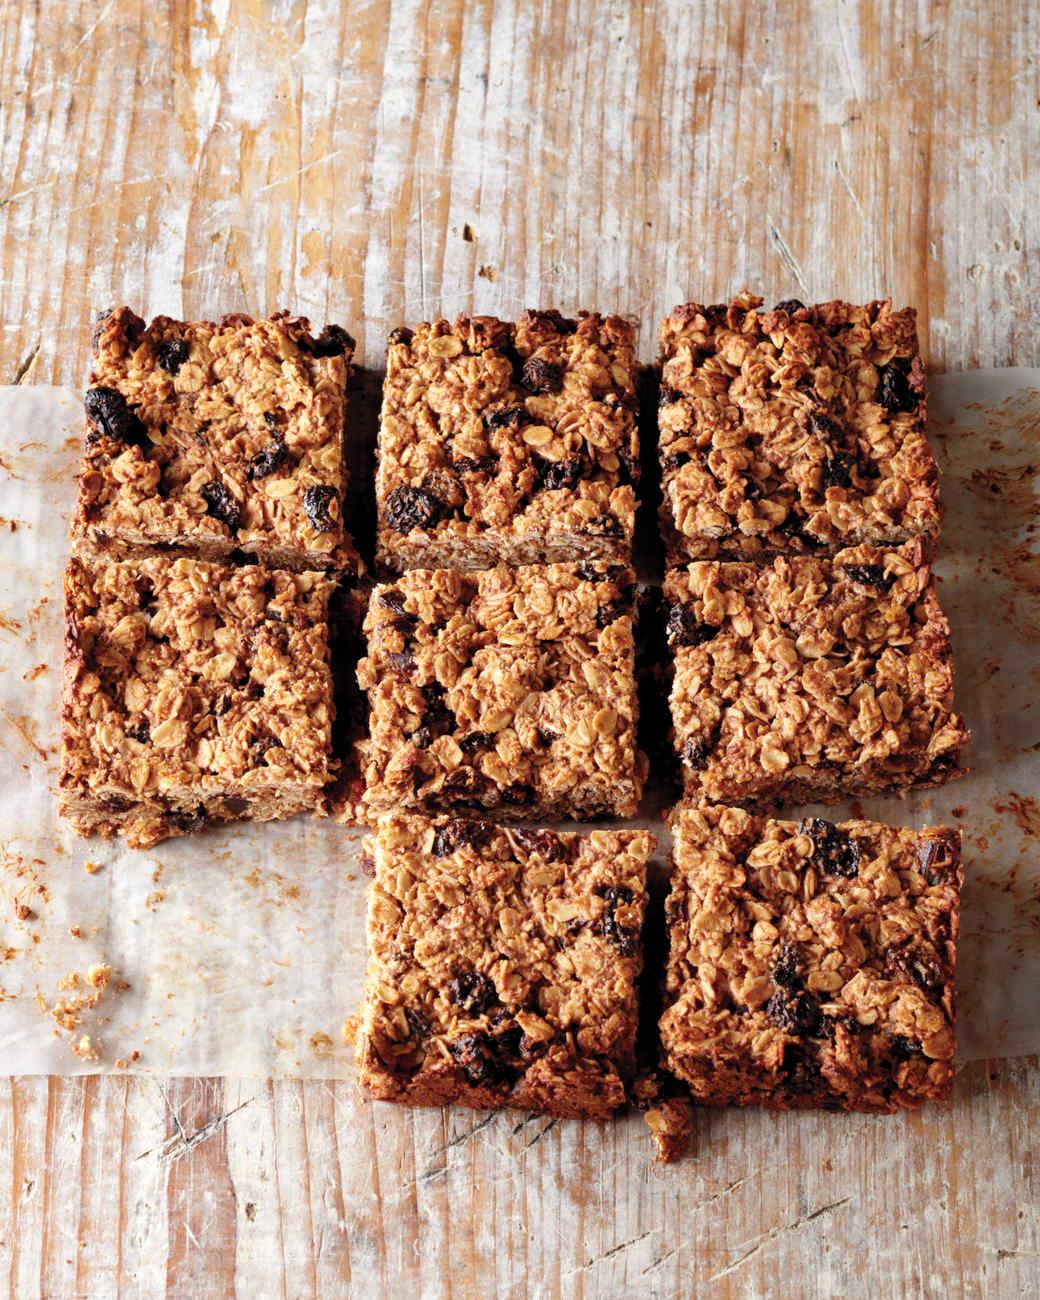 wk2-s-cherry-oat-bars-023-mbd109439.jpg